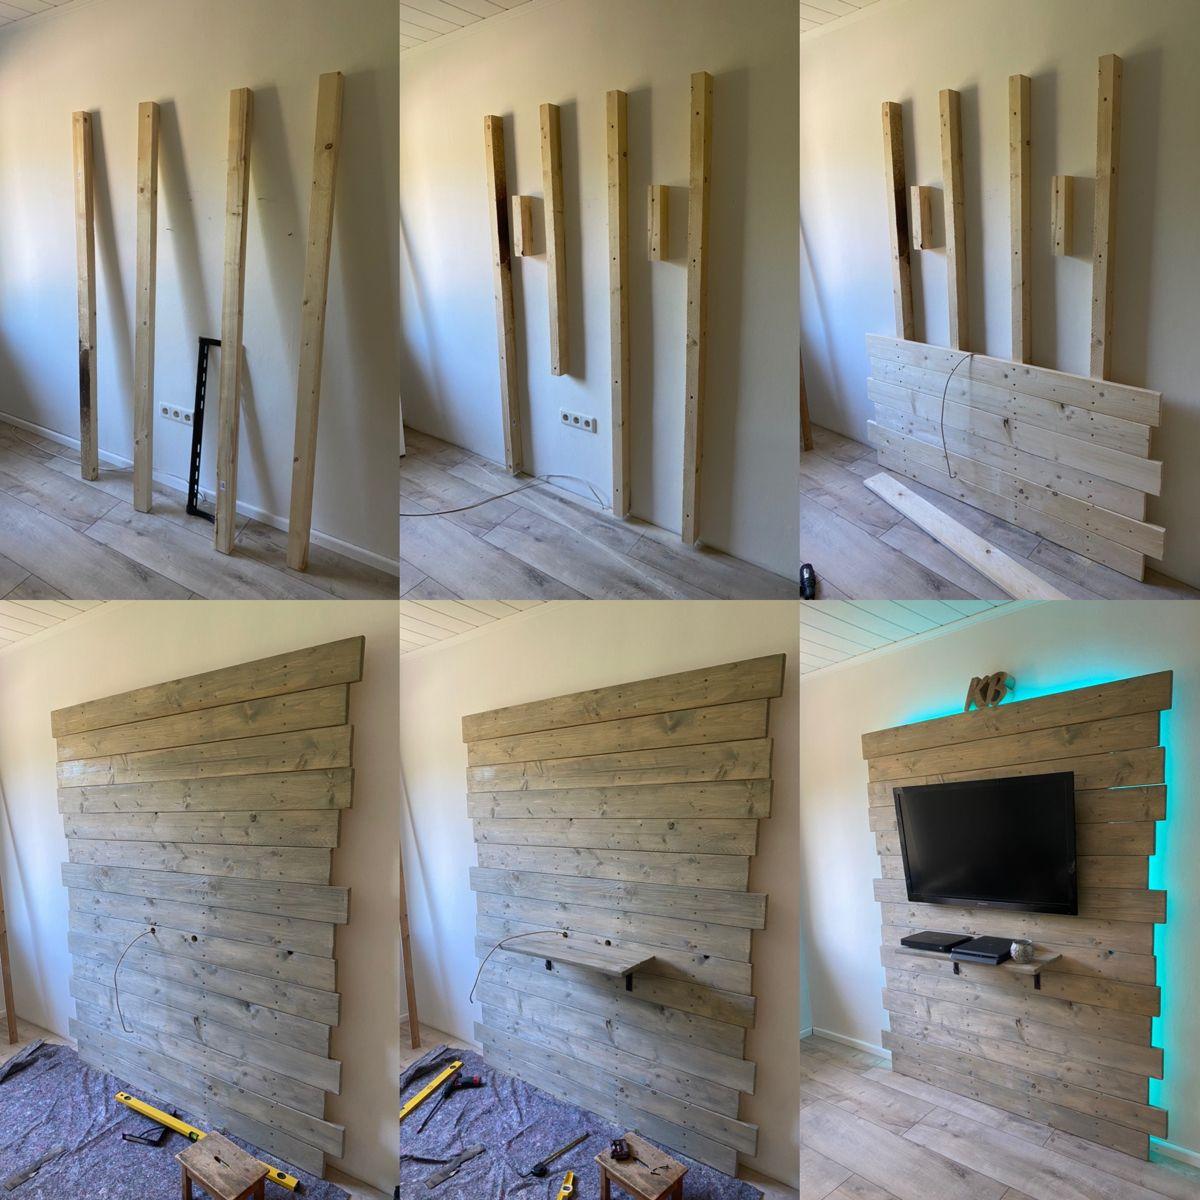 Fernsehwand Wohnzimmer Holz In 2020 Fernsehwand Badezimmer Beispiele Palettenholzwände